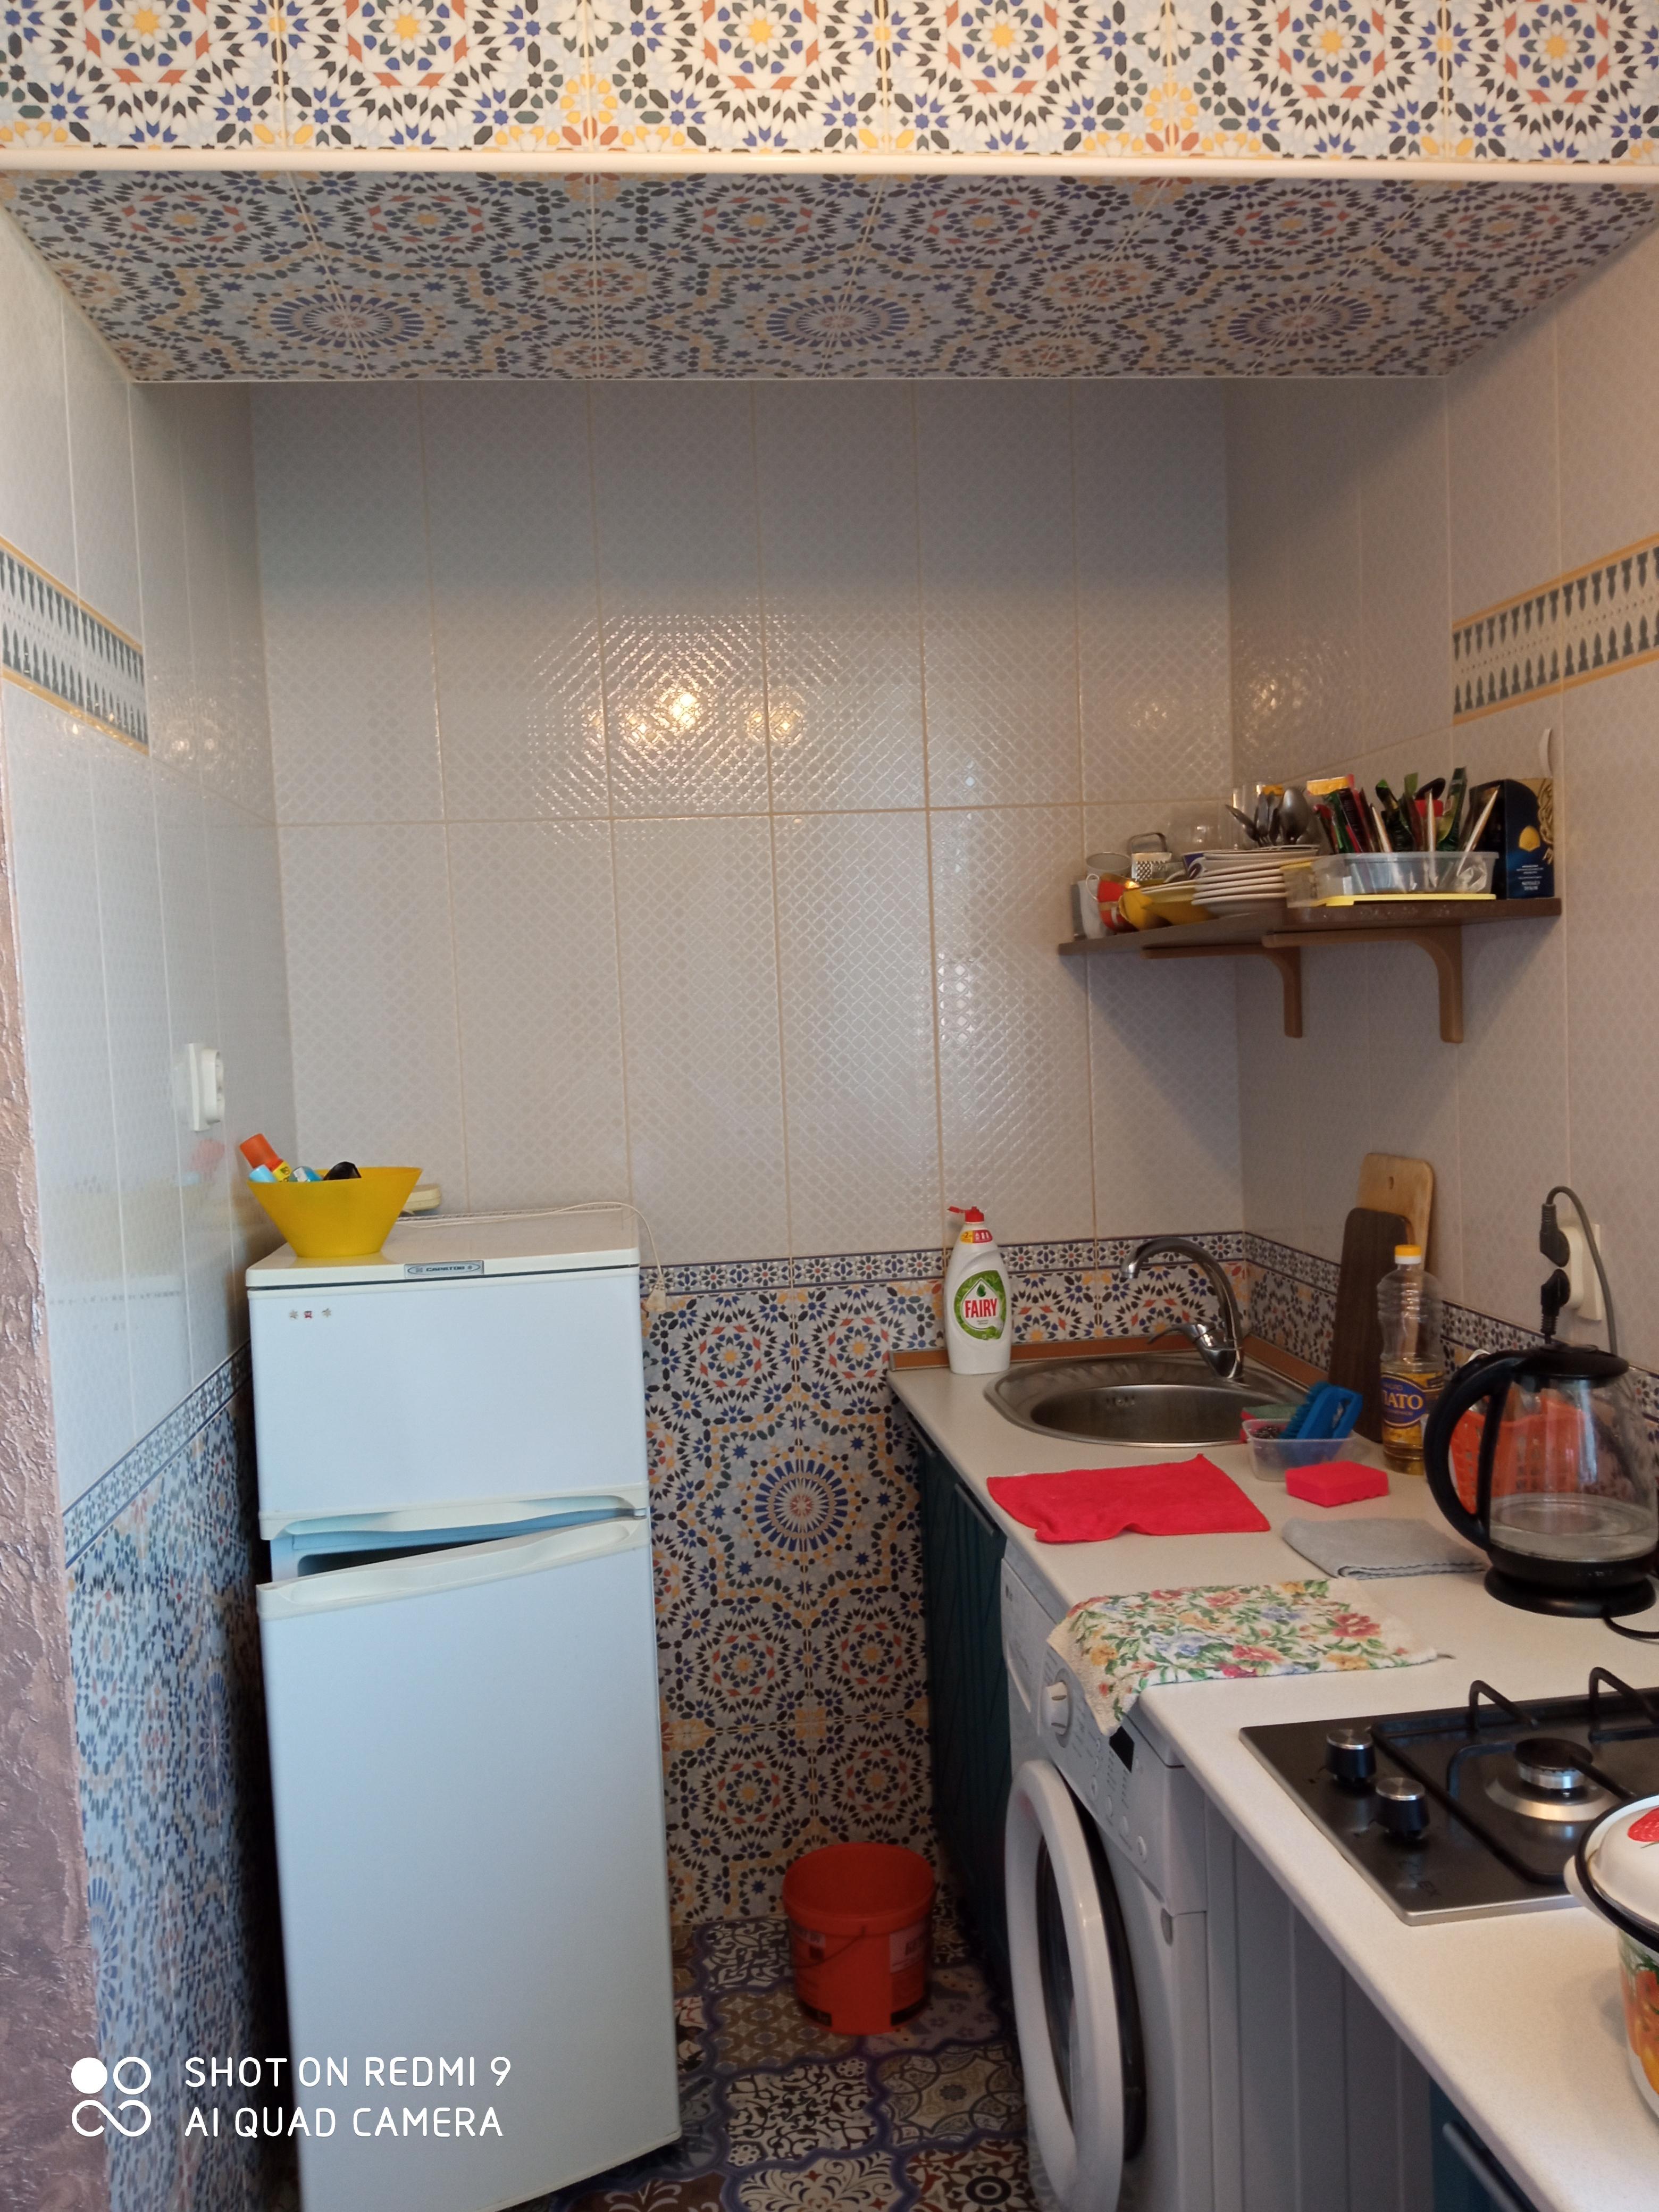 Сдам - Сдаю 1-ую квартиру по ул. Нагорная Сочи -Нагорная - цена: 2000